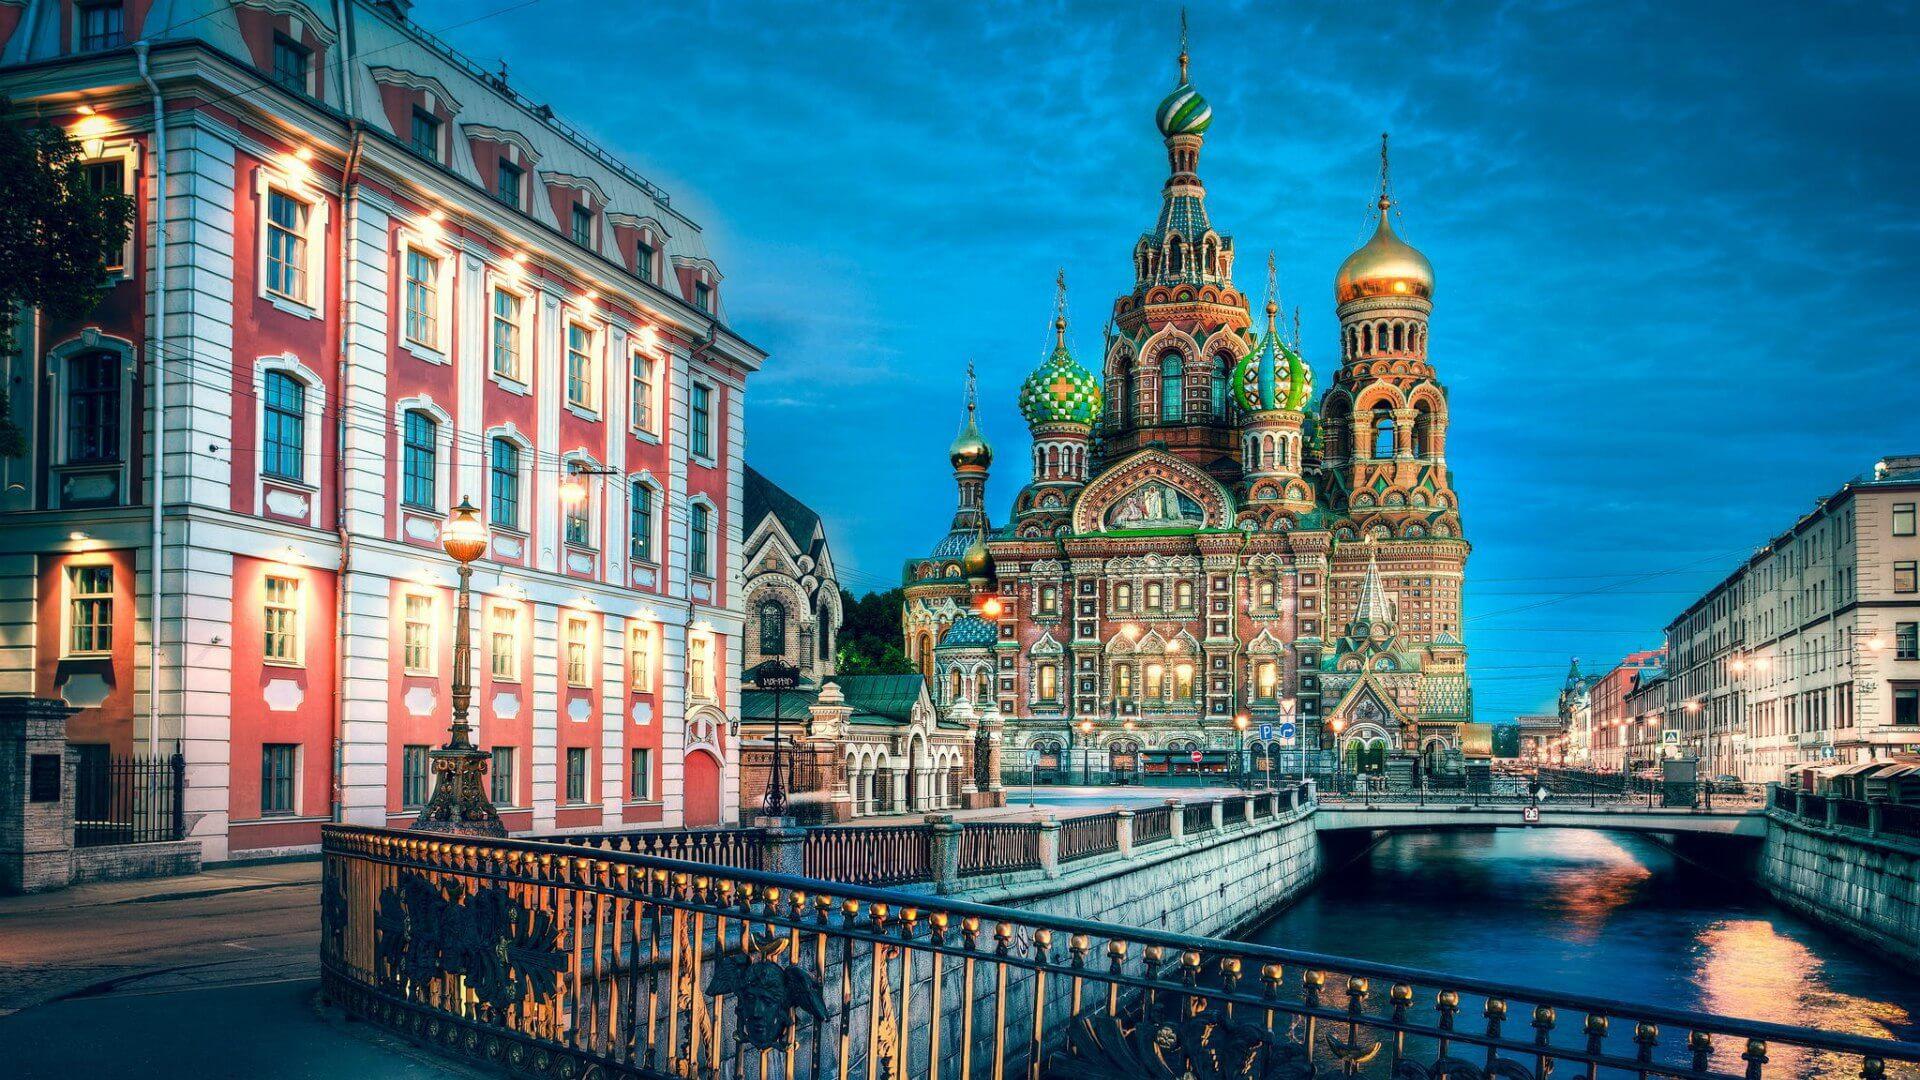 Φθηνές πτήσεις προς Αγία Πετρούπολη